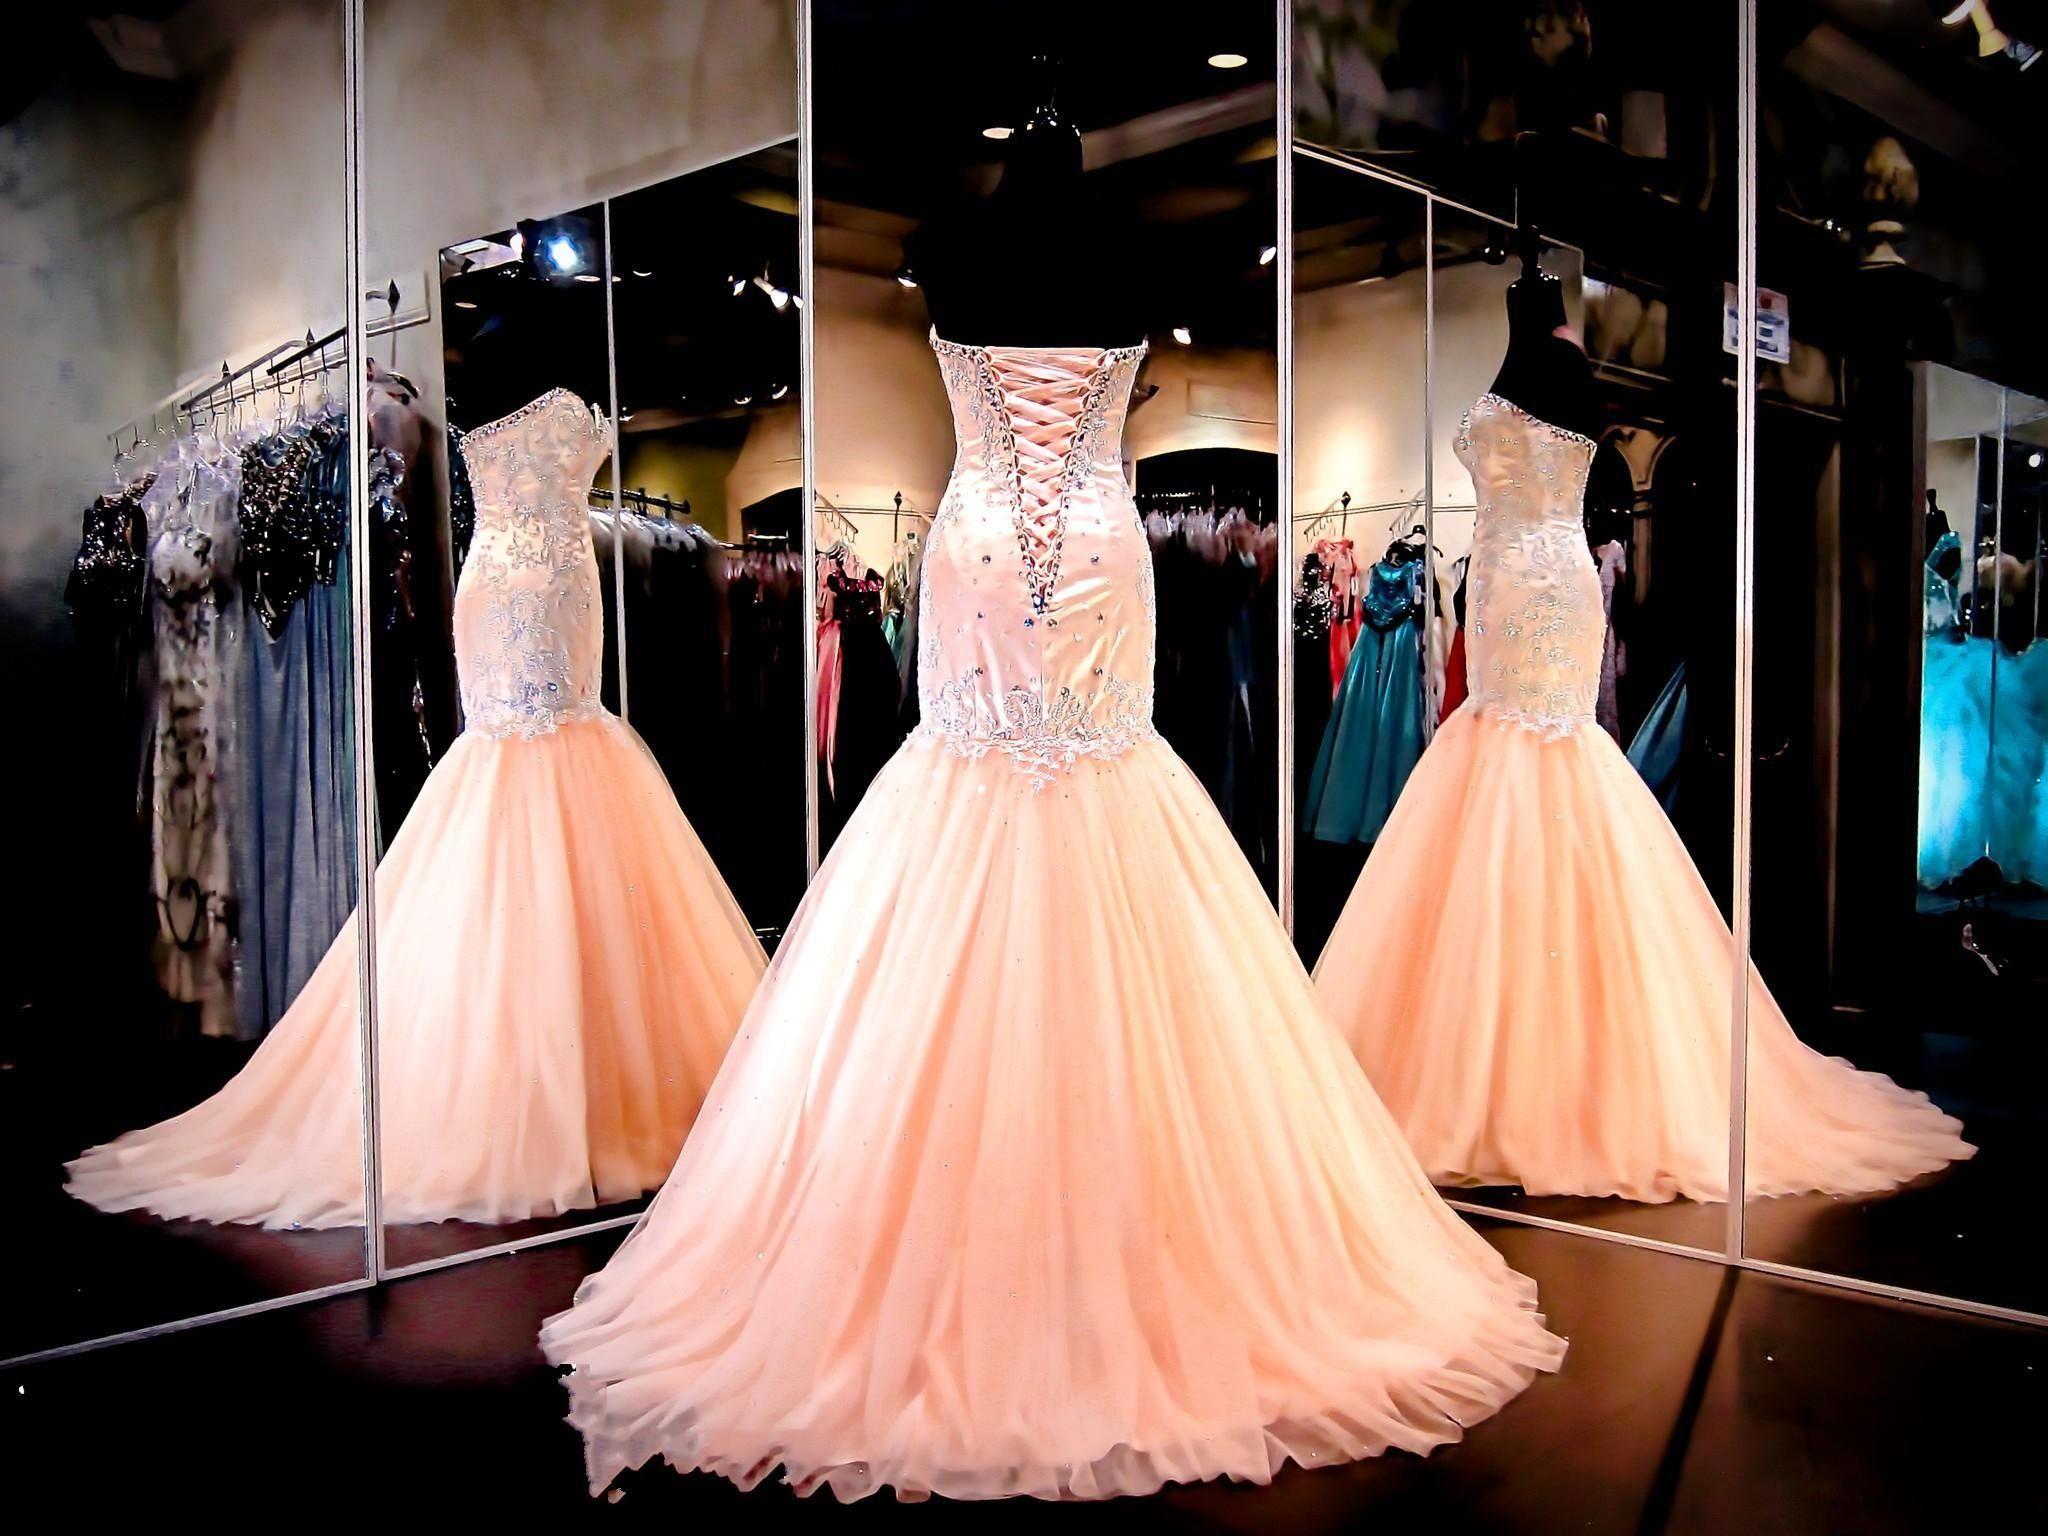 2018 뜨거운 섹시한 이브닝 드레스 착용 아가씨 크리스탈 비즈 인어 복숭아 얇은 롱 코르 셋 다시 공식적인 vestidos 저렴한 댄스 파티 가운